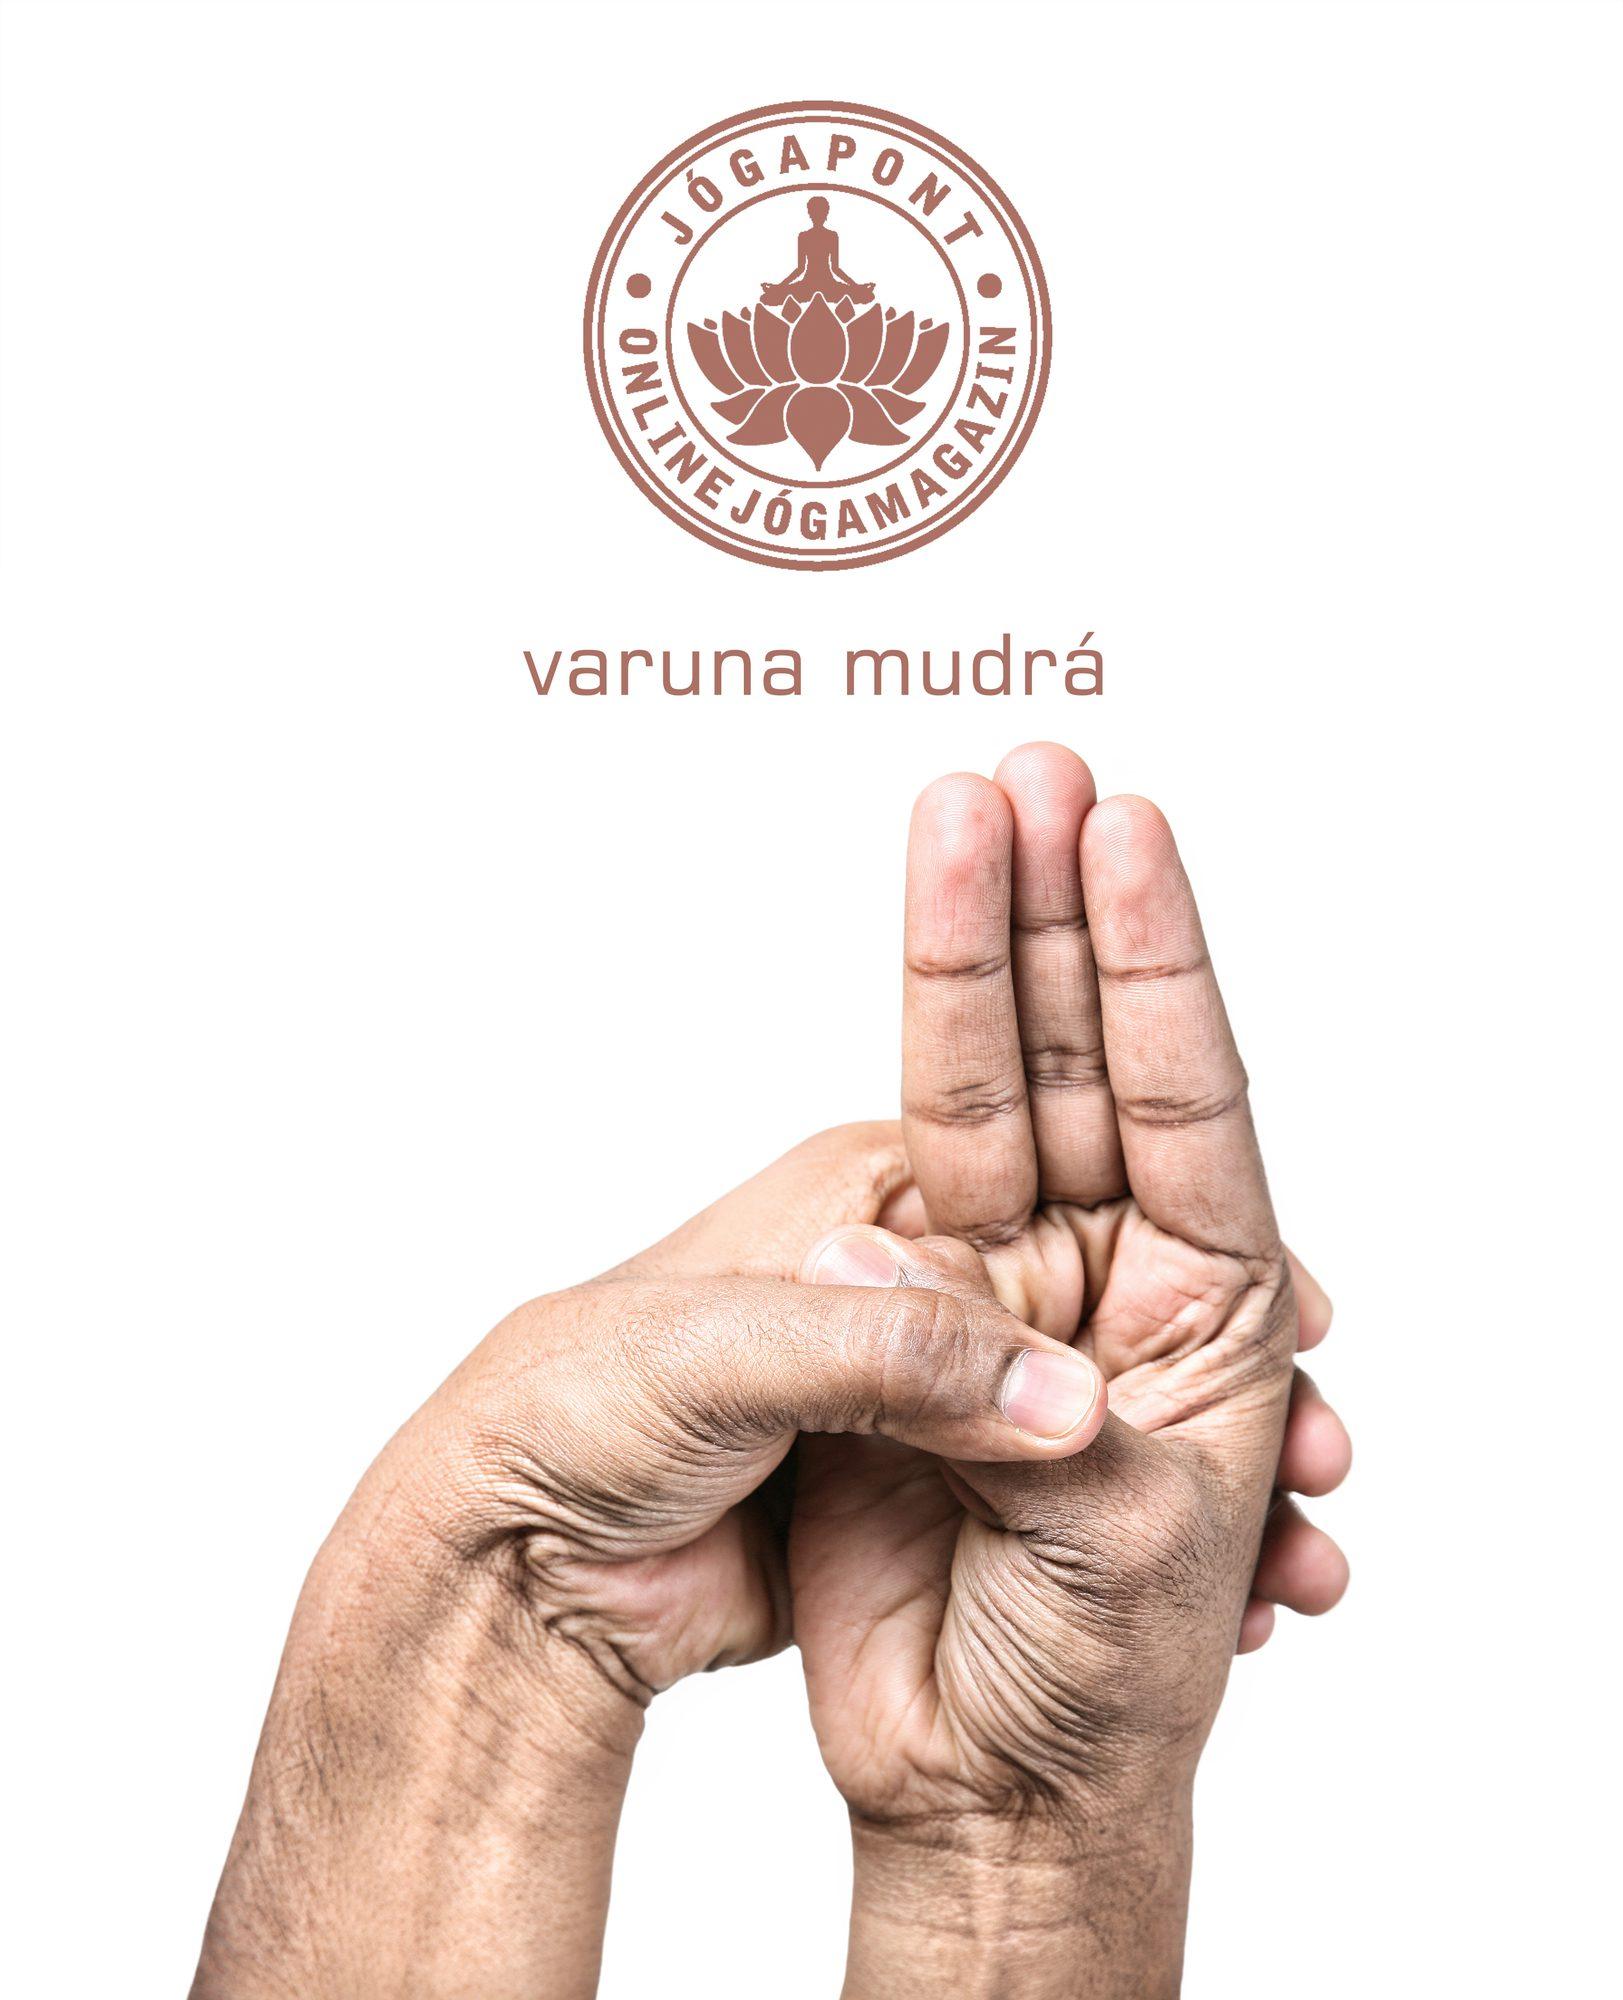 Varuna mudrá